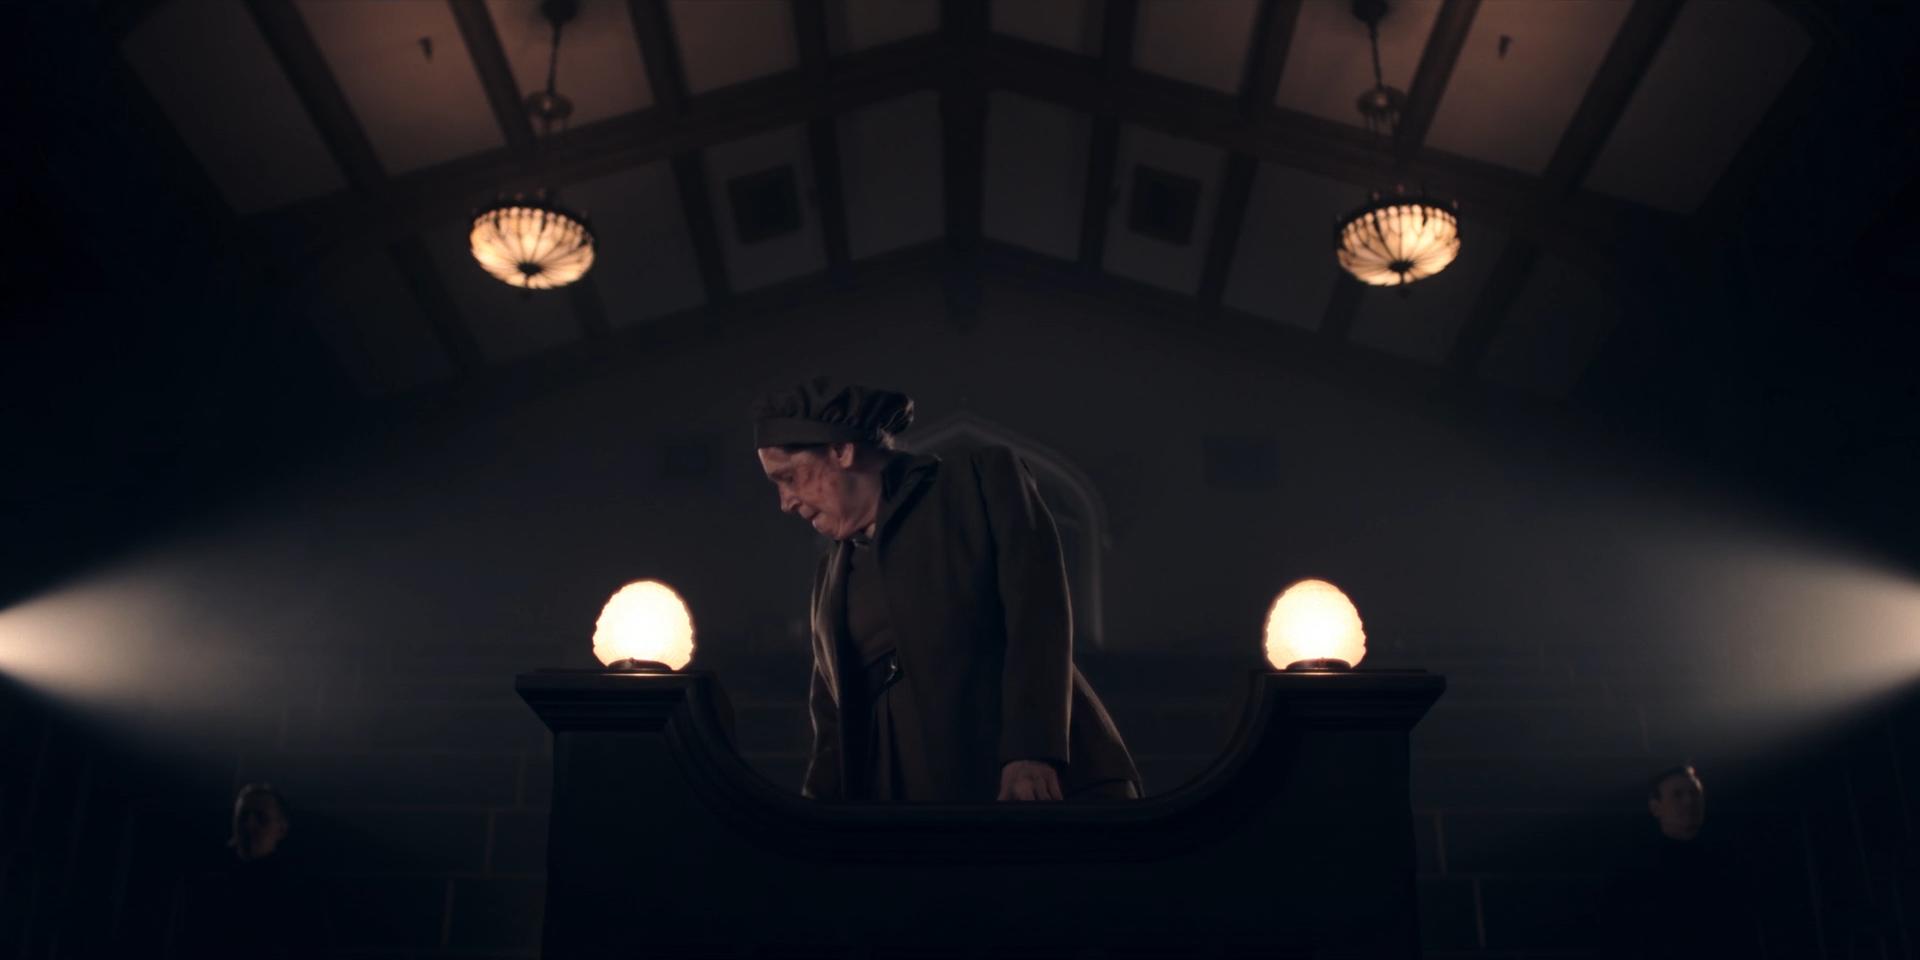 Изображение для Рассказ служанки / The Handmaid's Tale, Сезон 4, Серии 1-4 из 10 (2021) WEB-DL 1080p (кликните для просмотра полного изображения)